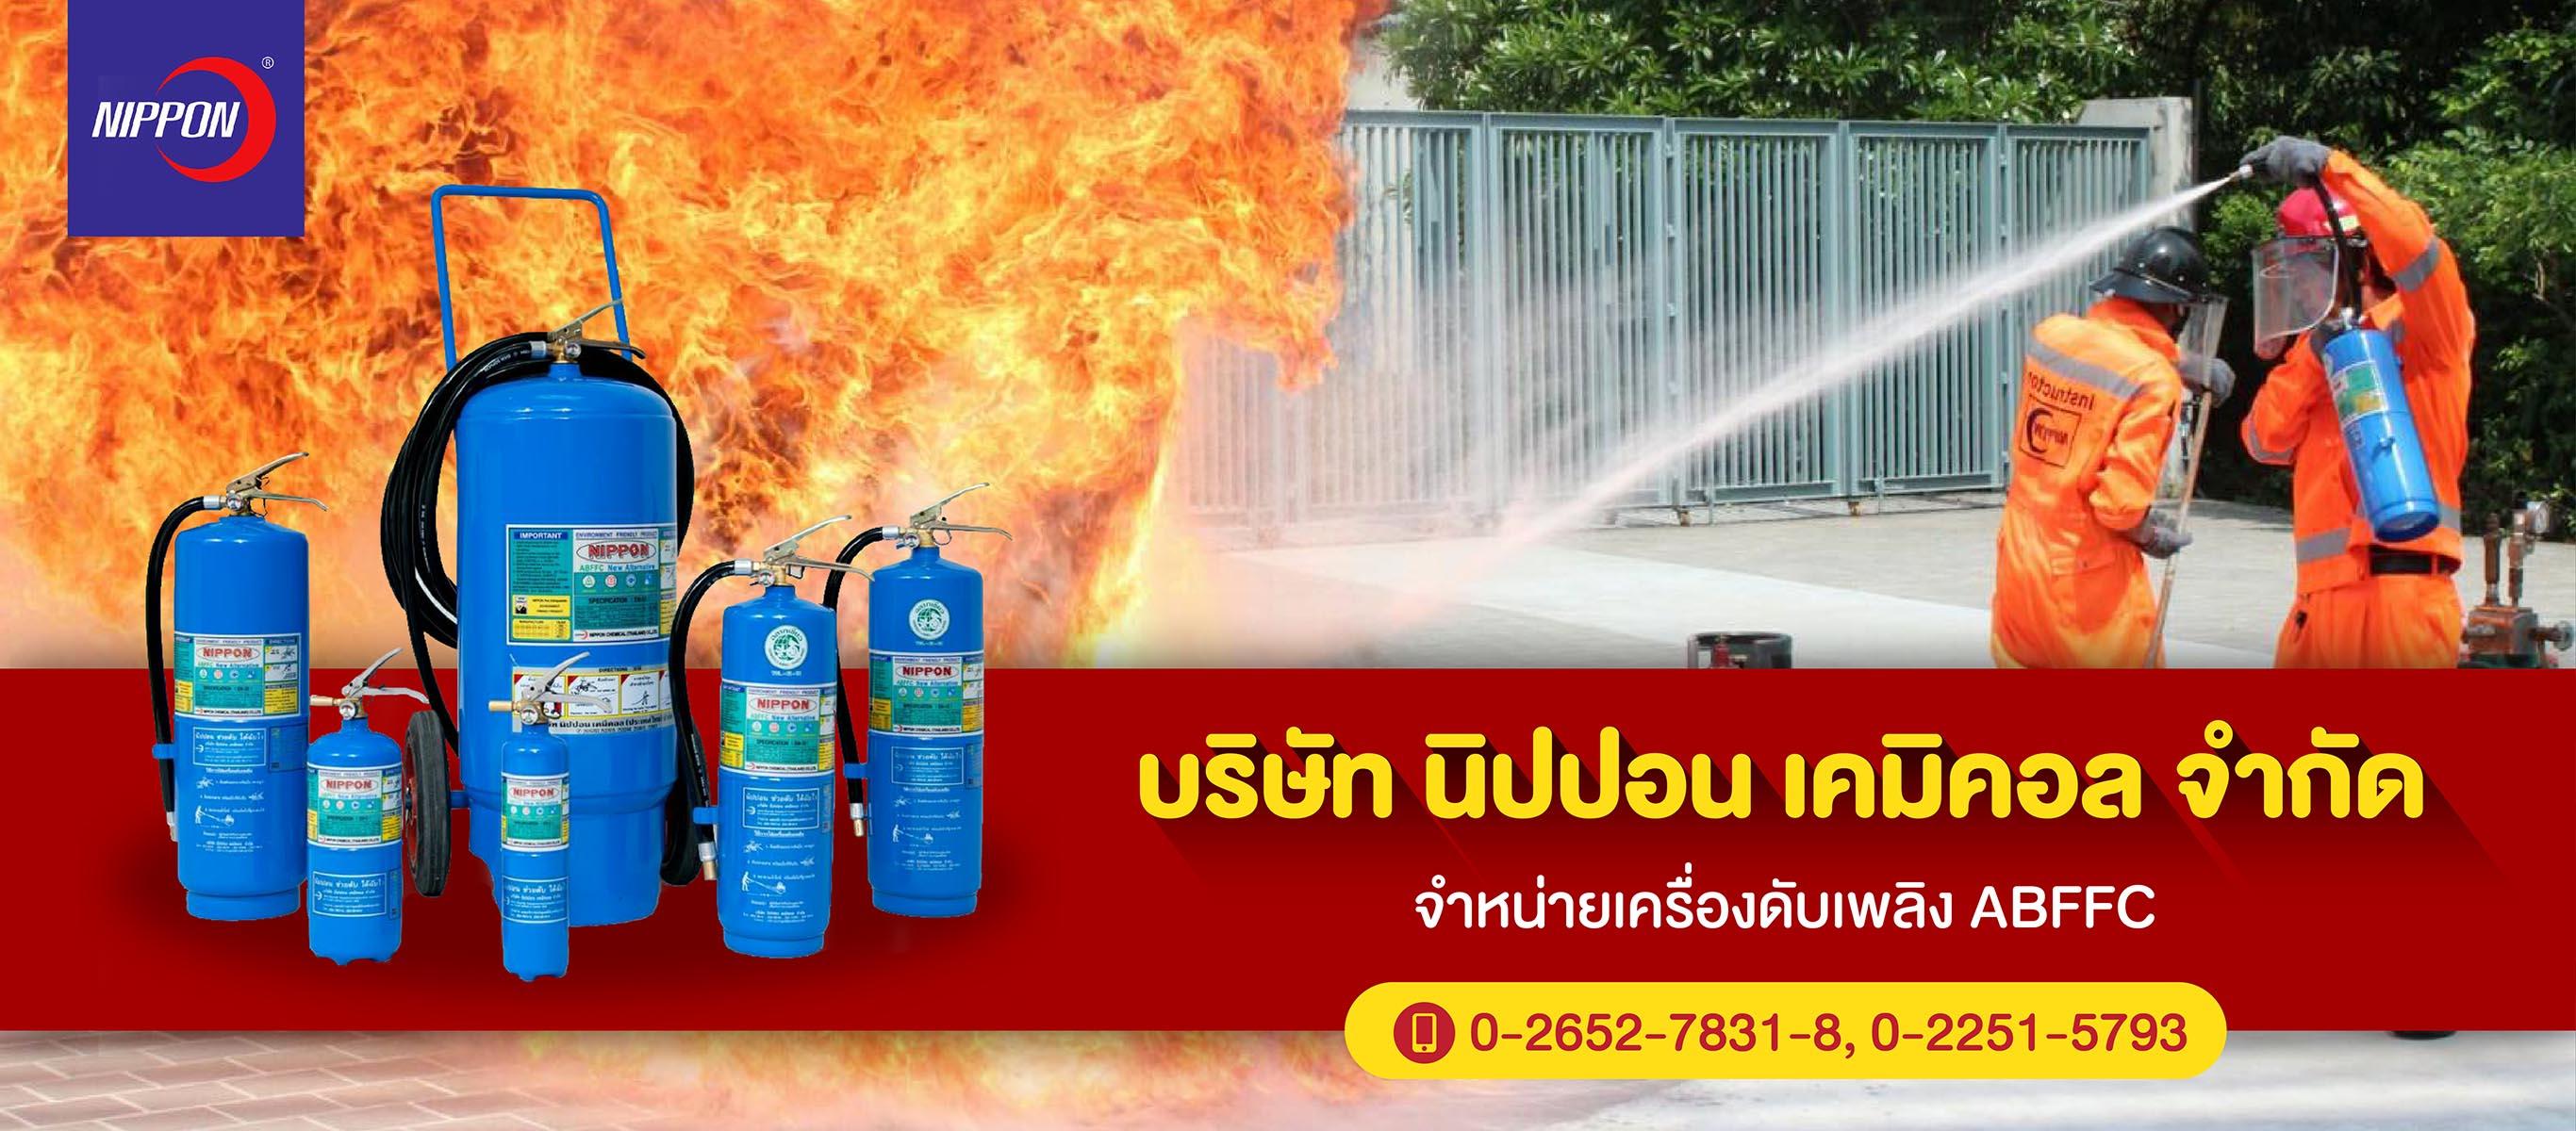 ขายเครื่องดับเพลิง ทำเทสเครื่องและสายดับเพลิง-นิปปอน